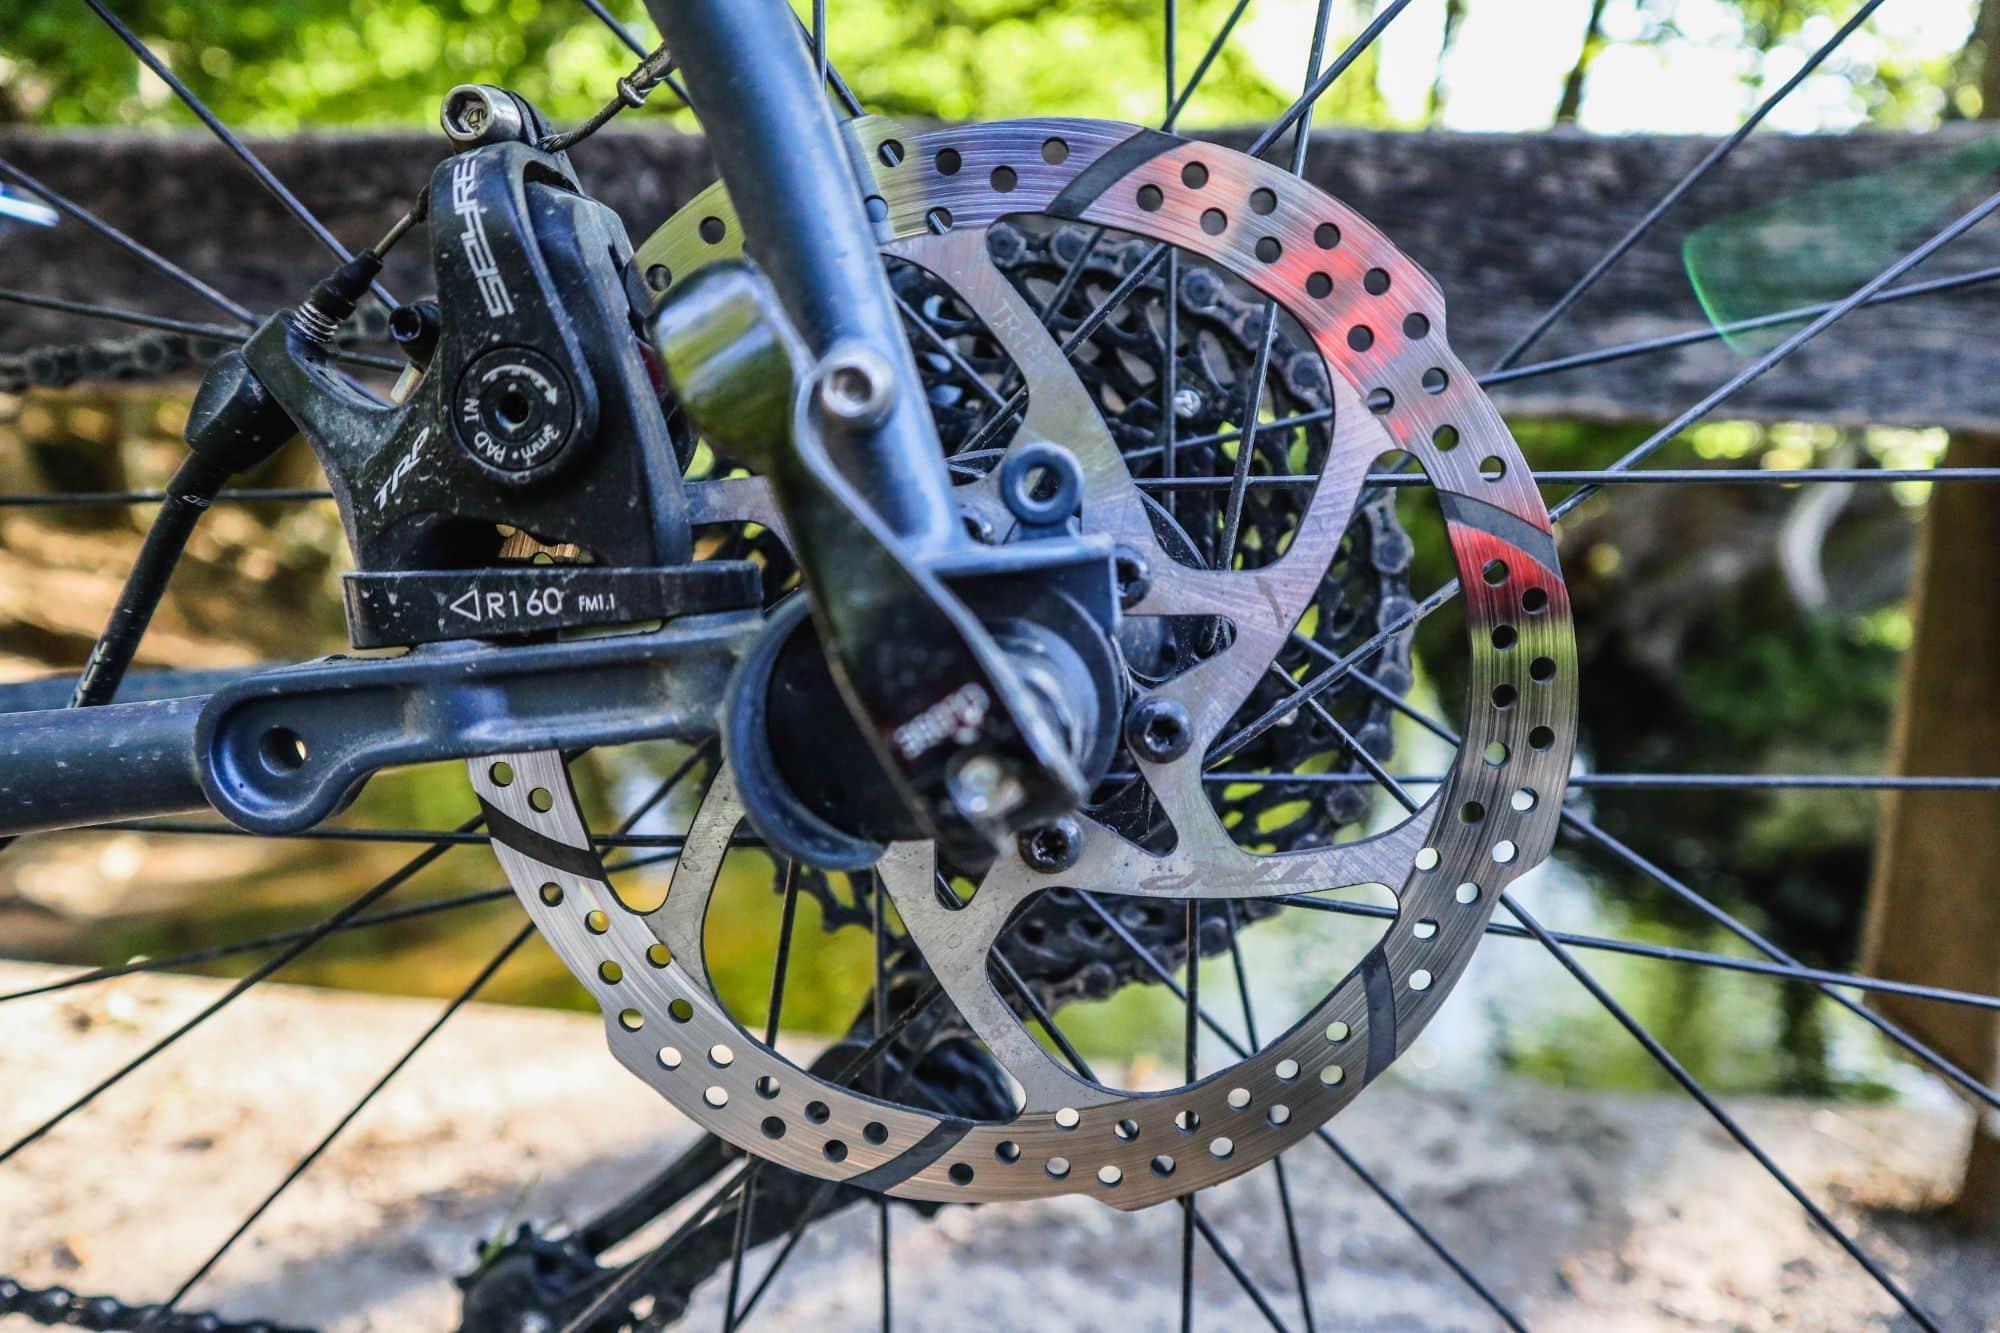 Mechanische oder Hydraulische Scheibenbremsen am Fahrrad - welche sind besser? Übersicht & die 13 wichtigen Fragen zur Scheibenbremse